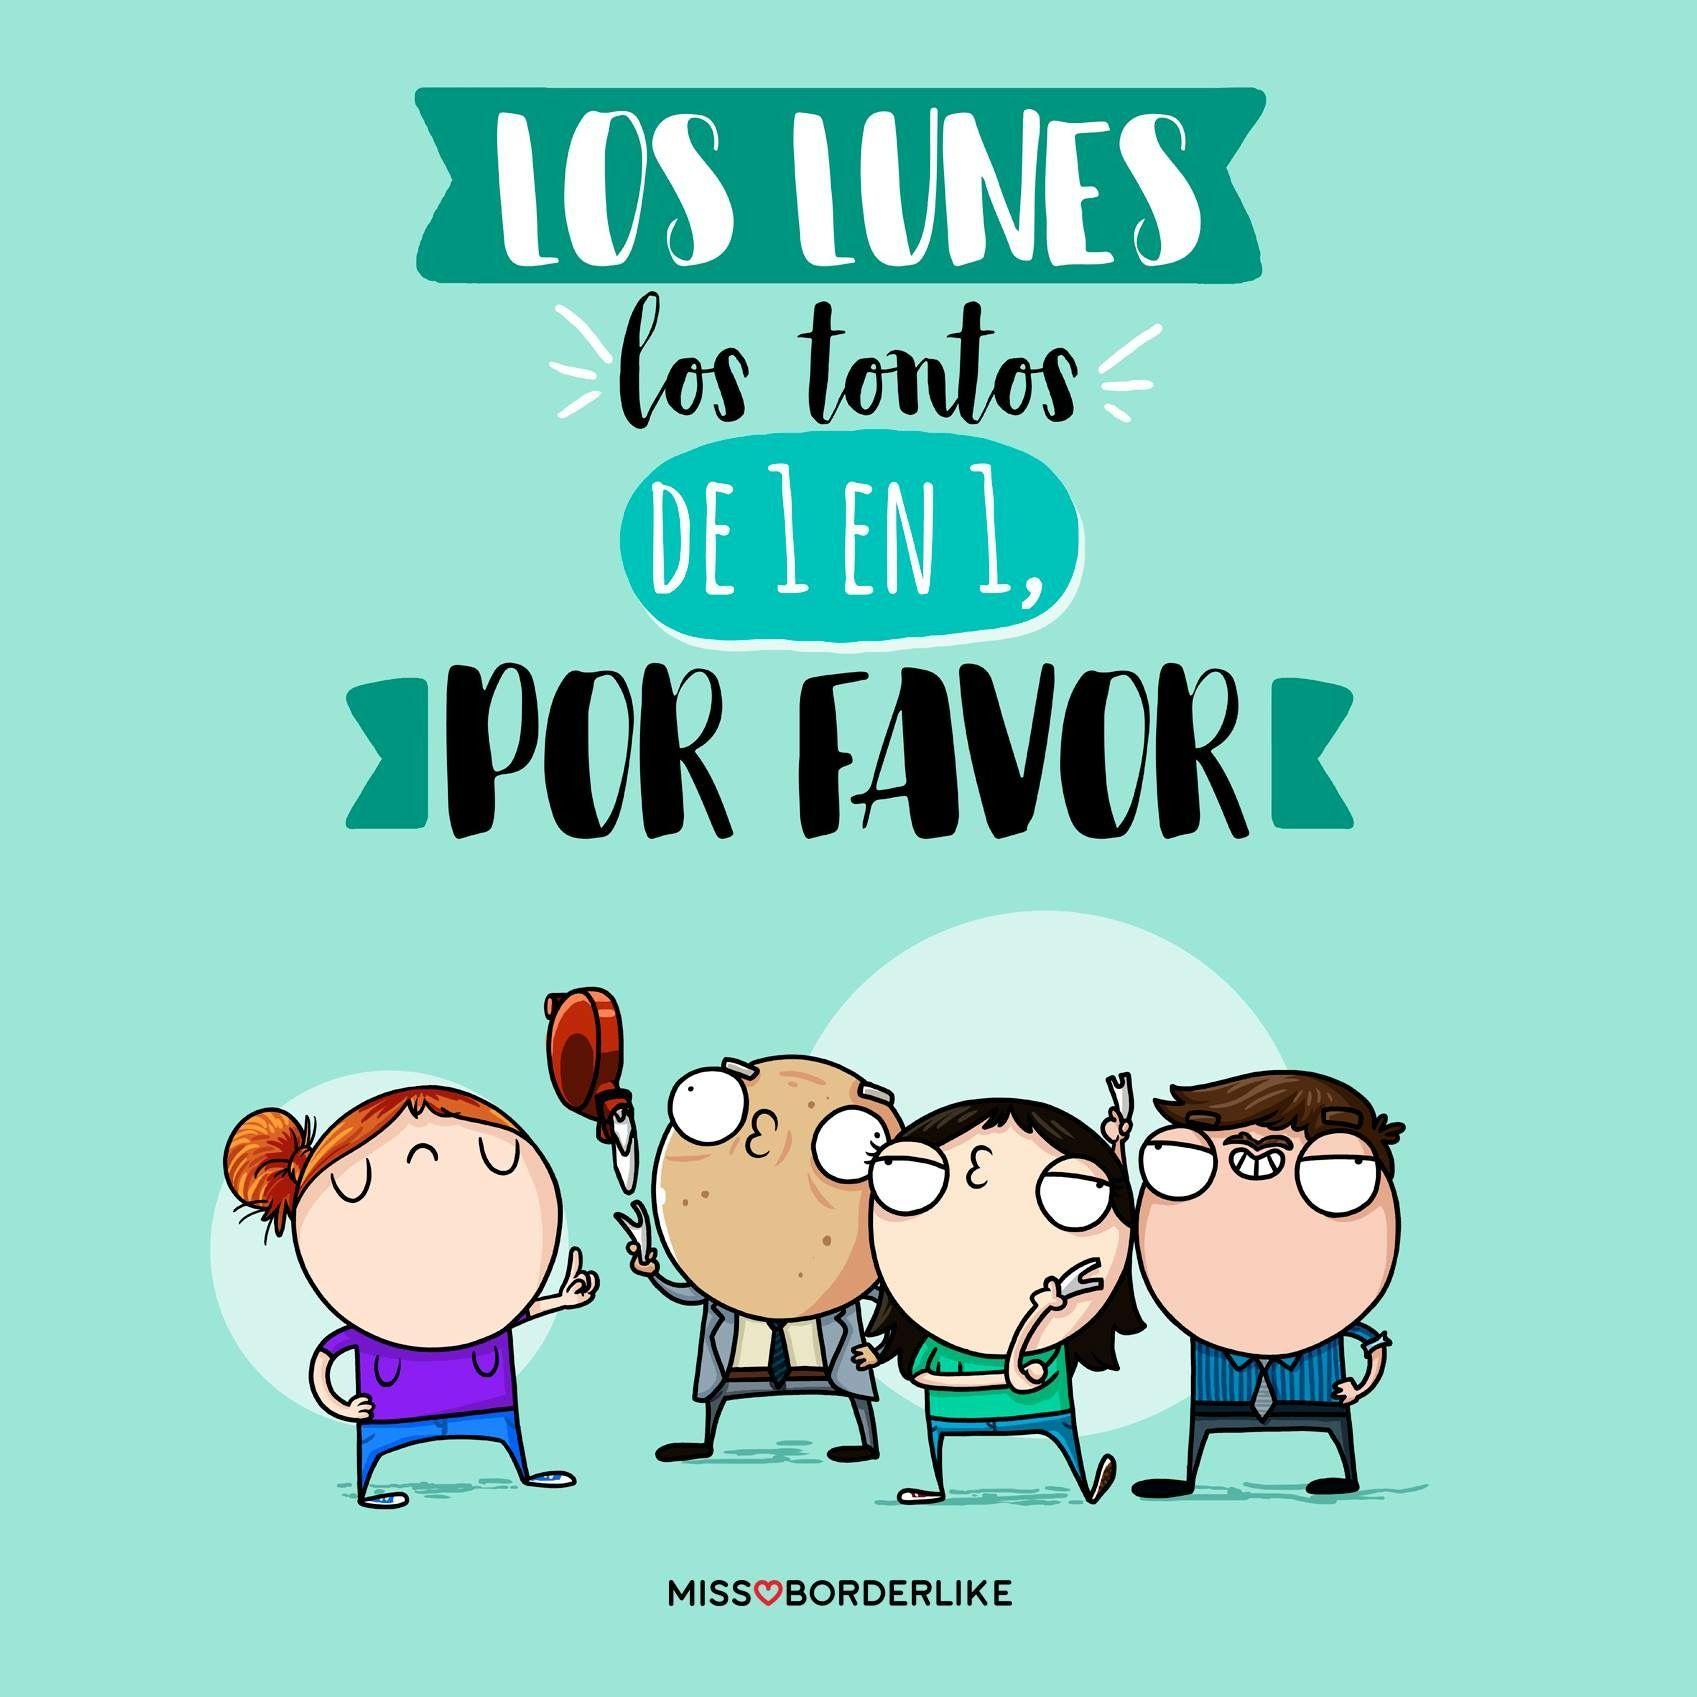 Los Lunes Los Tontos De Uno En Uno Por Favor Frases